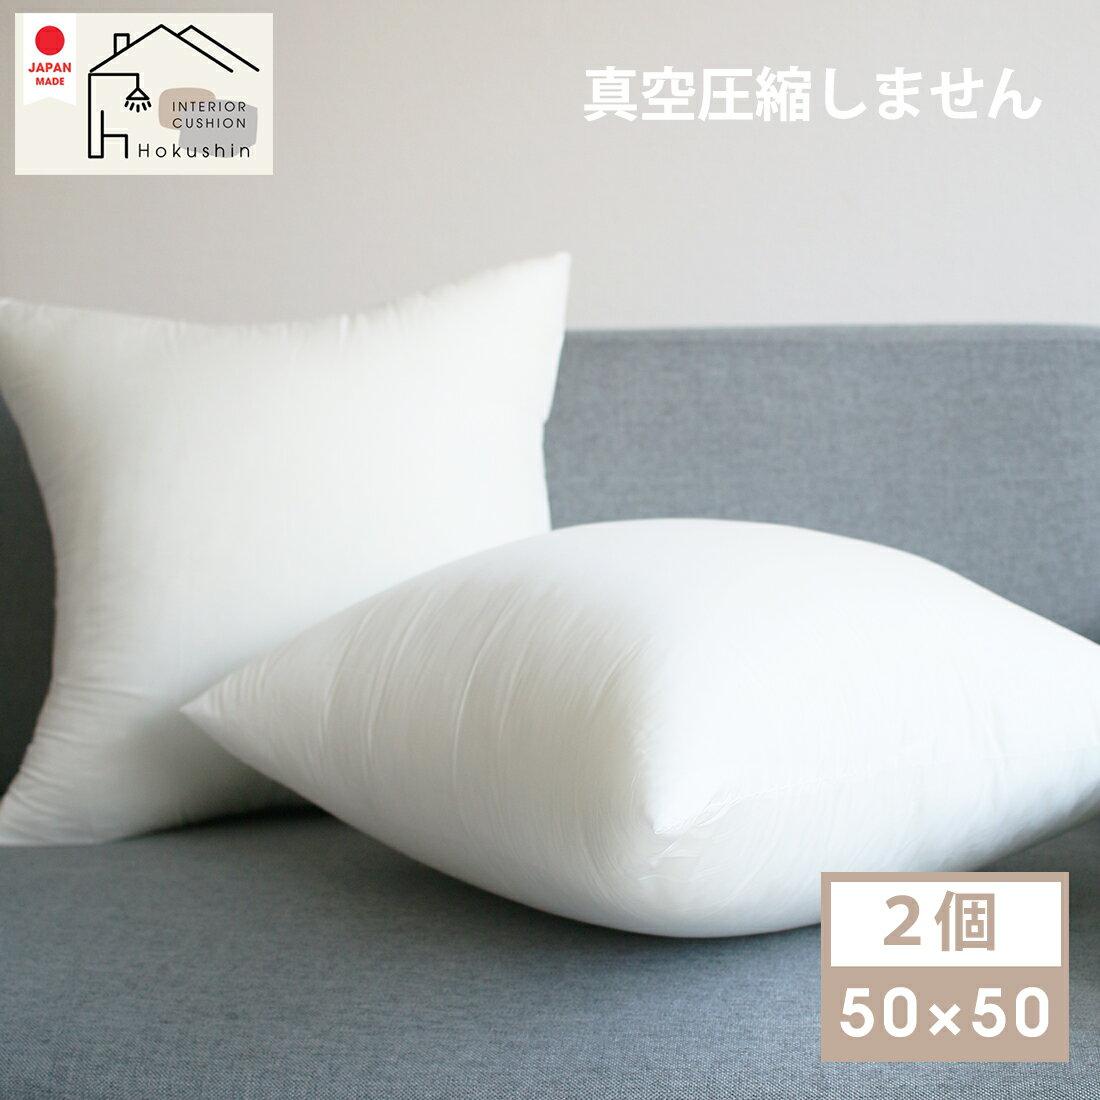 ヌードクッション 肉厚 50×50 2個セット 日本製 東レFT綿使用 クッションカバー用 送料無料 クッション 中身 背当て 佐川またはヤマト便